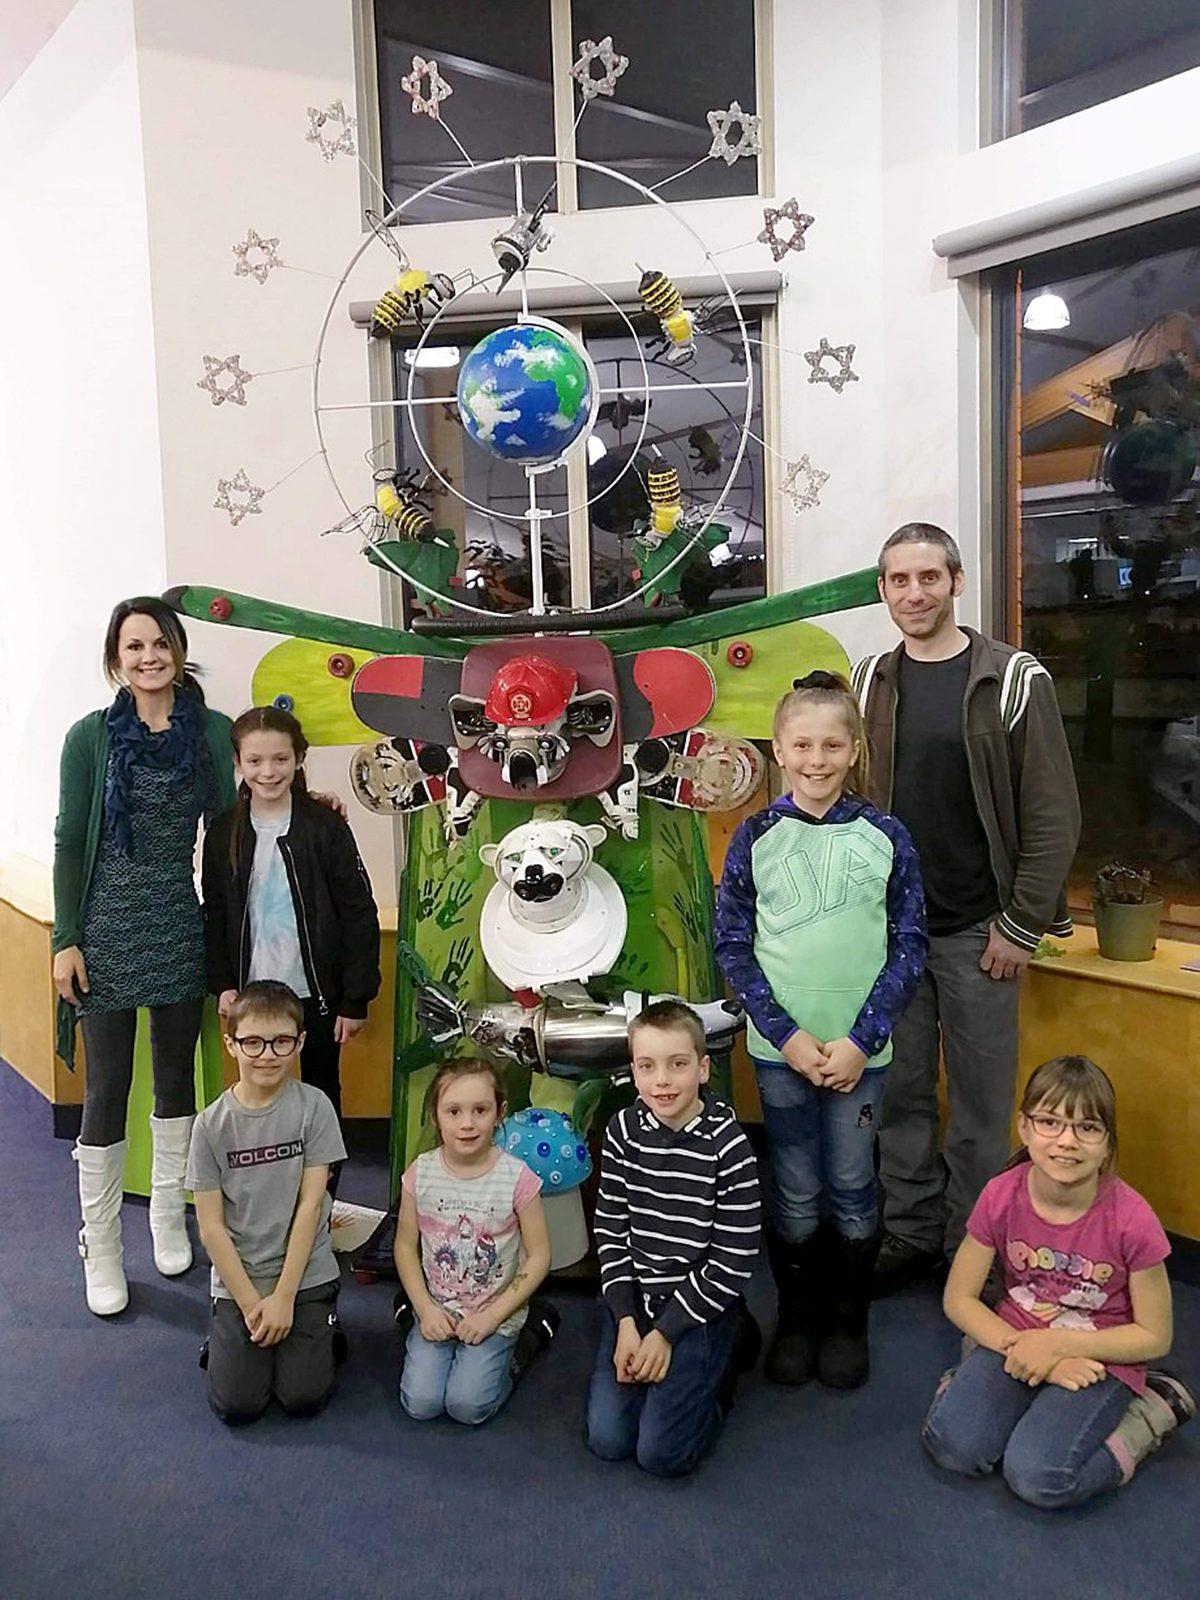 Des jeunes utilisent des objets recyclés et des rebuts pour créer une œuvre